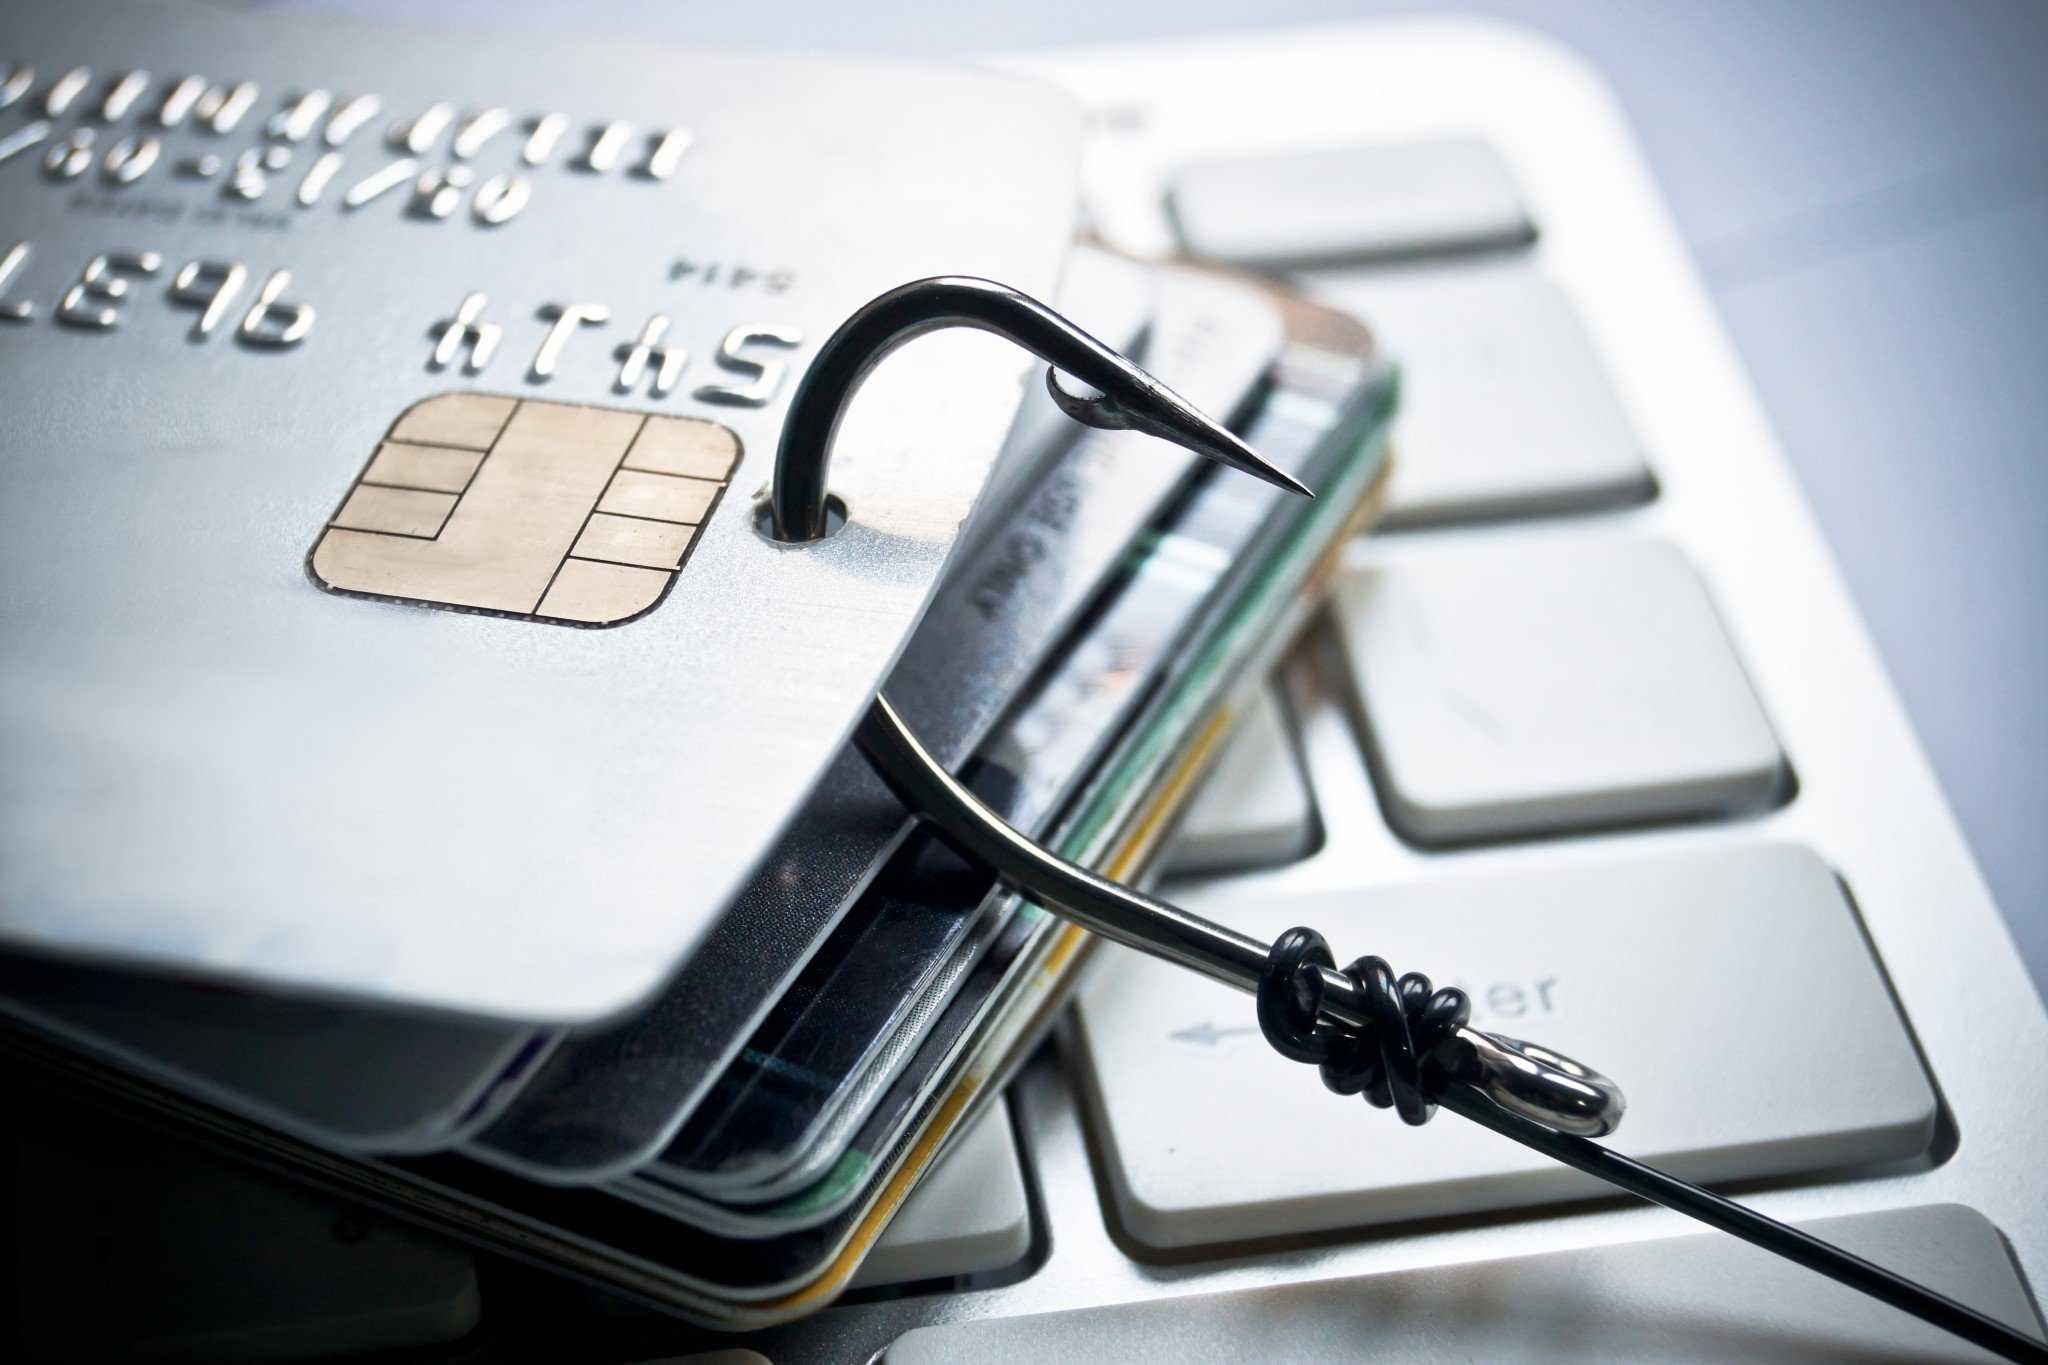 phishing oltalama saldirisi